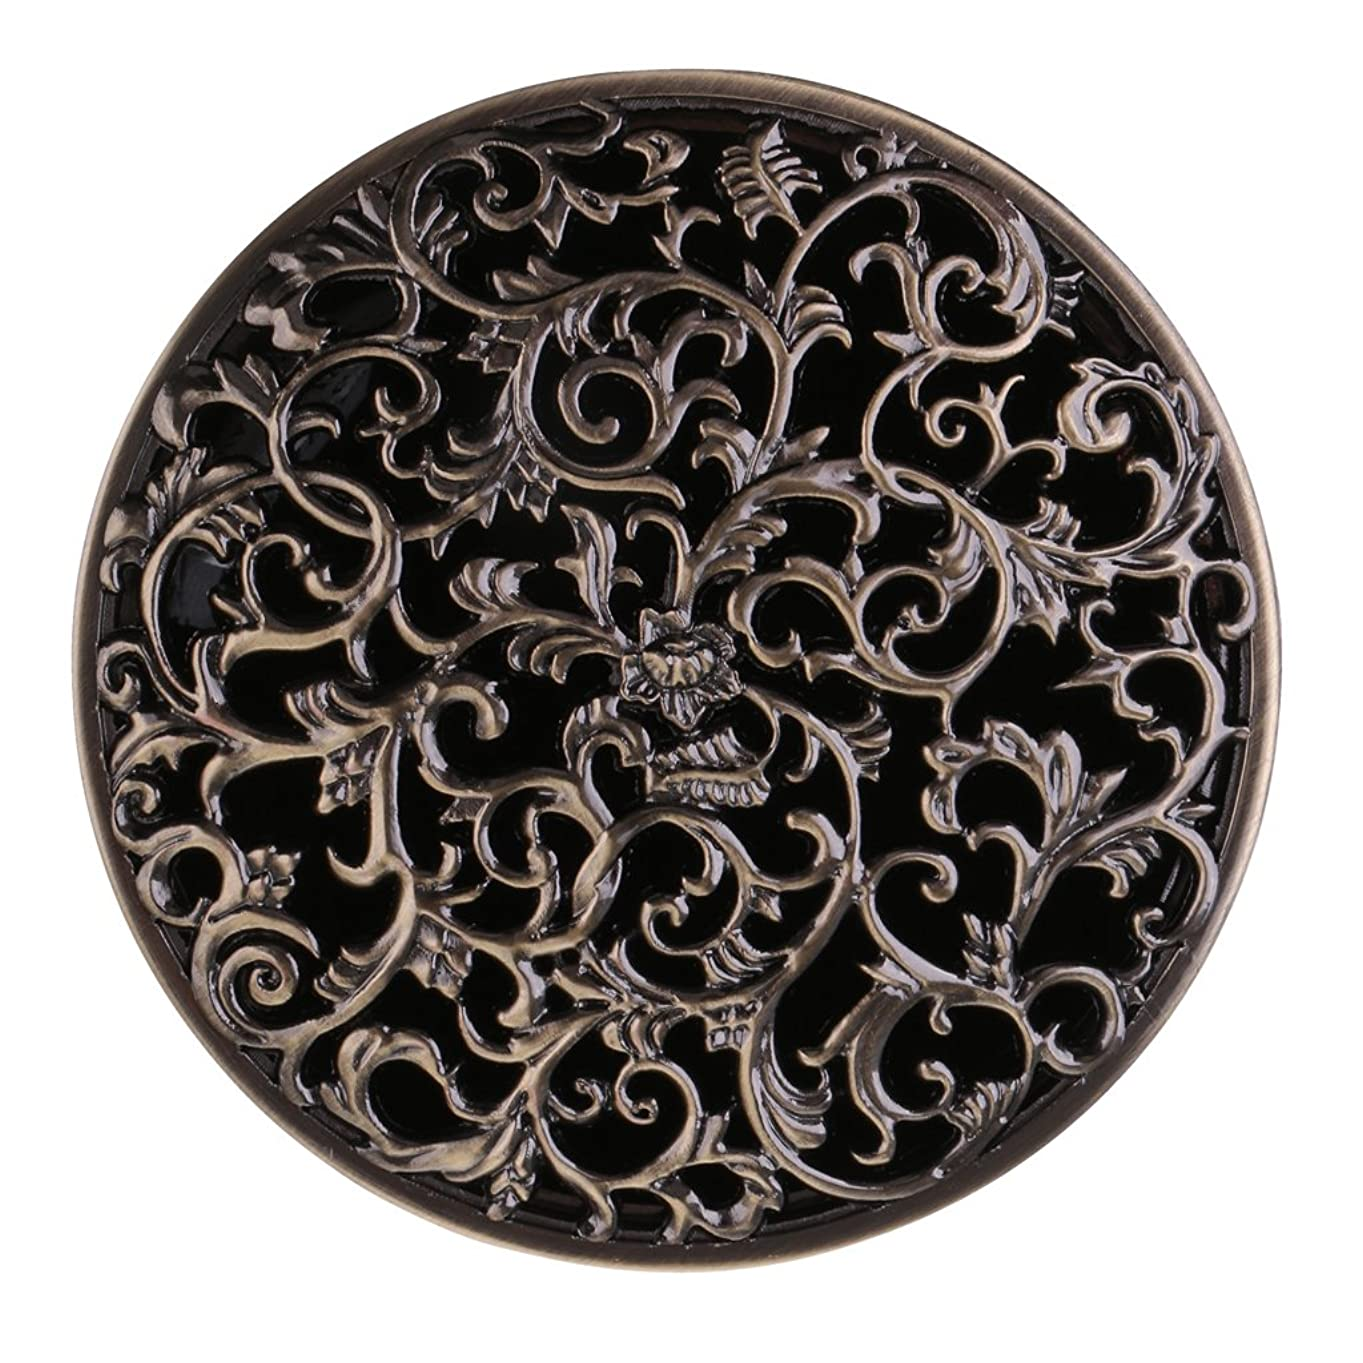 患者意志限界Baoblaze チベット 合金 香炉 コーンホルダー 仏教 香りバーナー ボックス 家 装飾 全3色   - ブロンズ